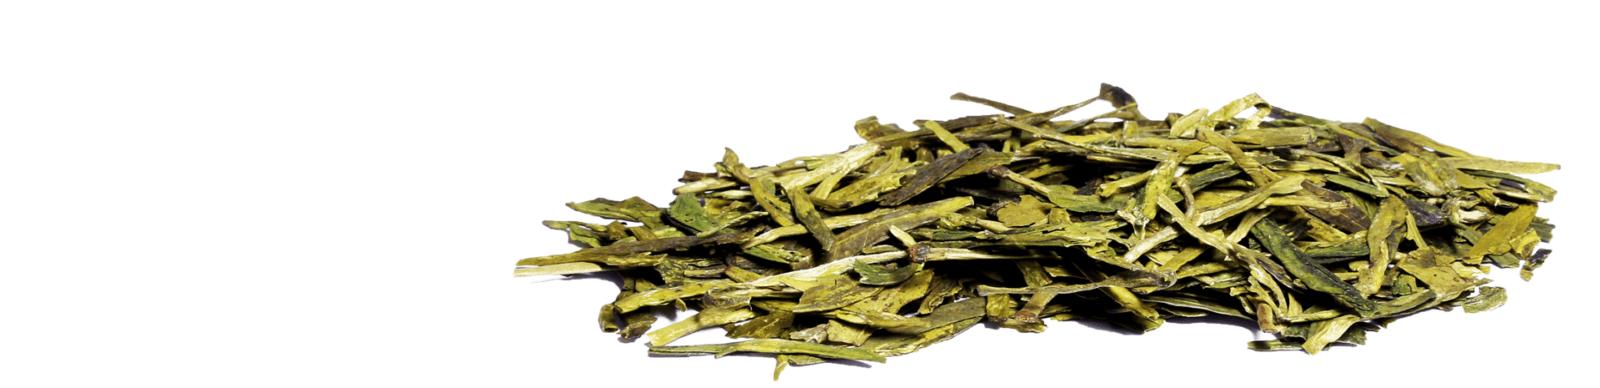 Вы можете купить оптом и в розницу премиальный Китайский зелёный чай Лун Цзин и Си Ху Лун Цзин в нашем интернет-магазине со склада в Москве, выбрав по ФОТО или заказав пробник, от Чайной Компании Путь Чая с доставкой по РФ и странам ТС.